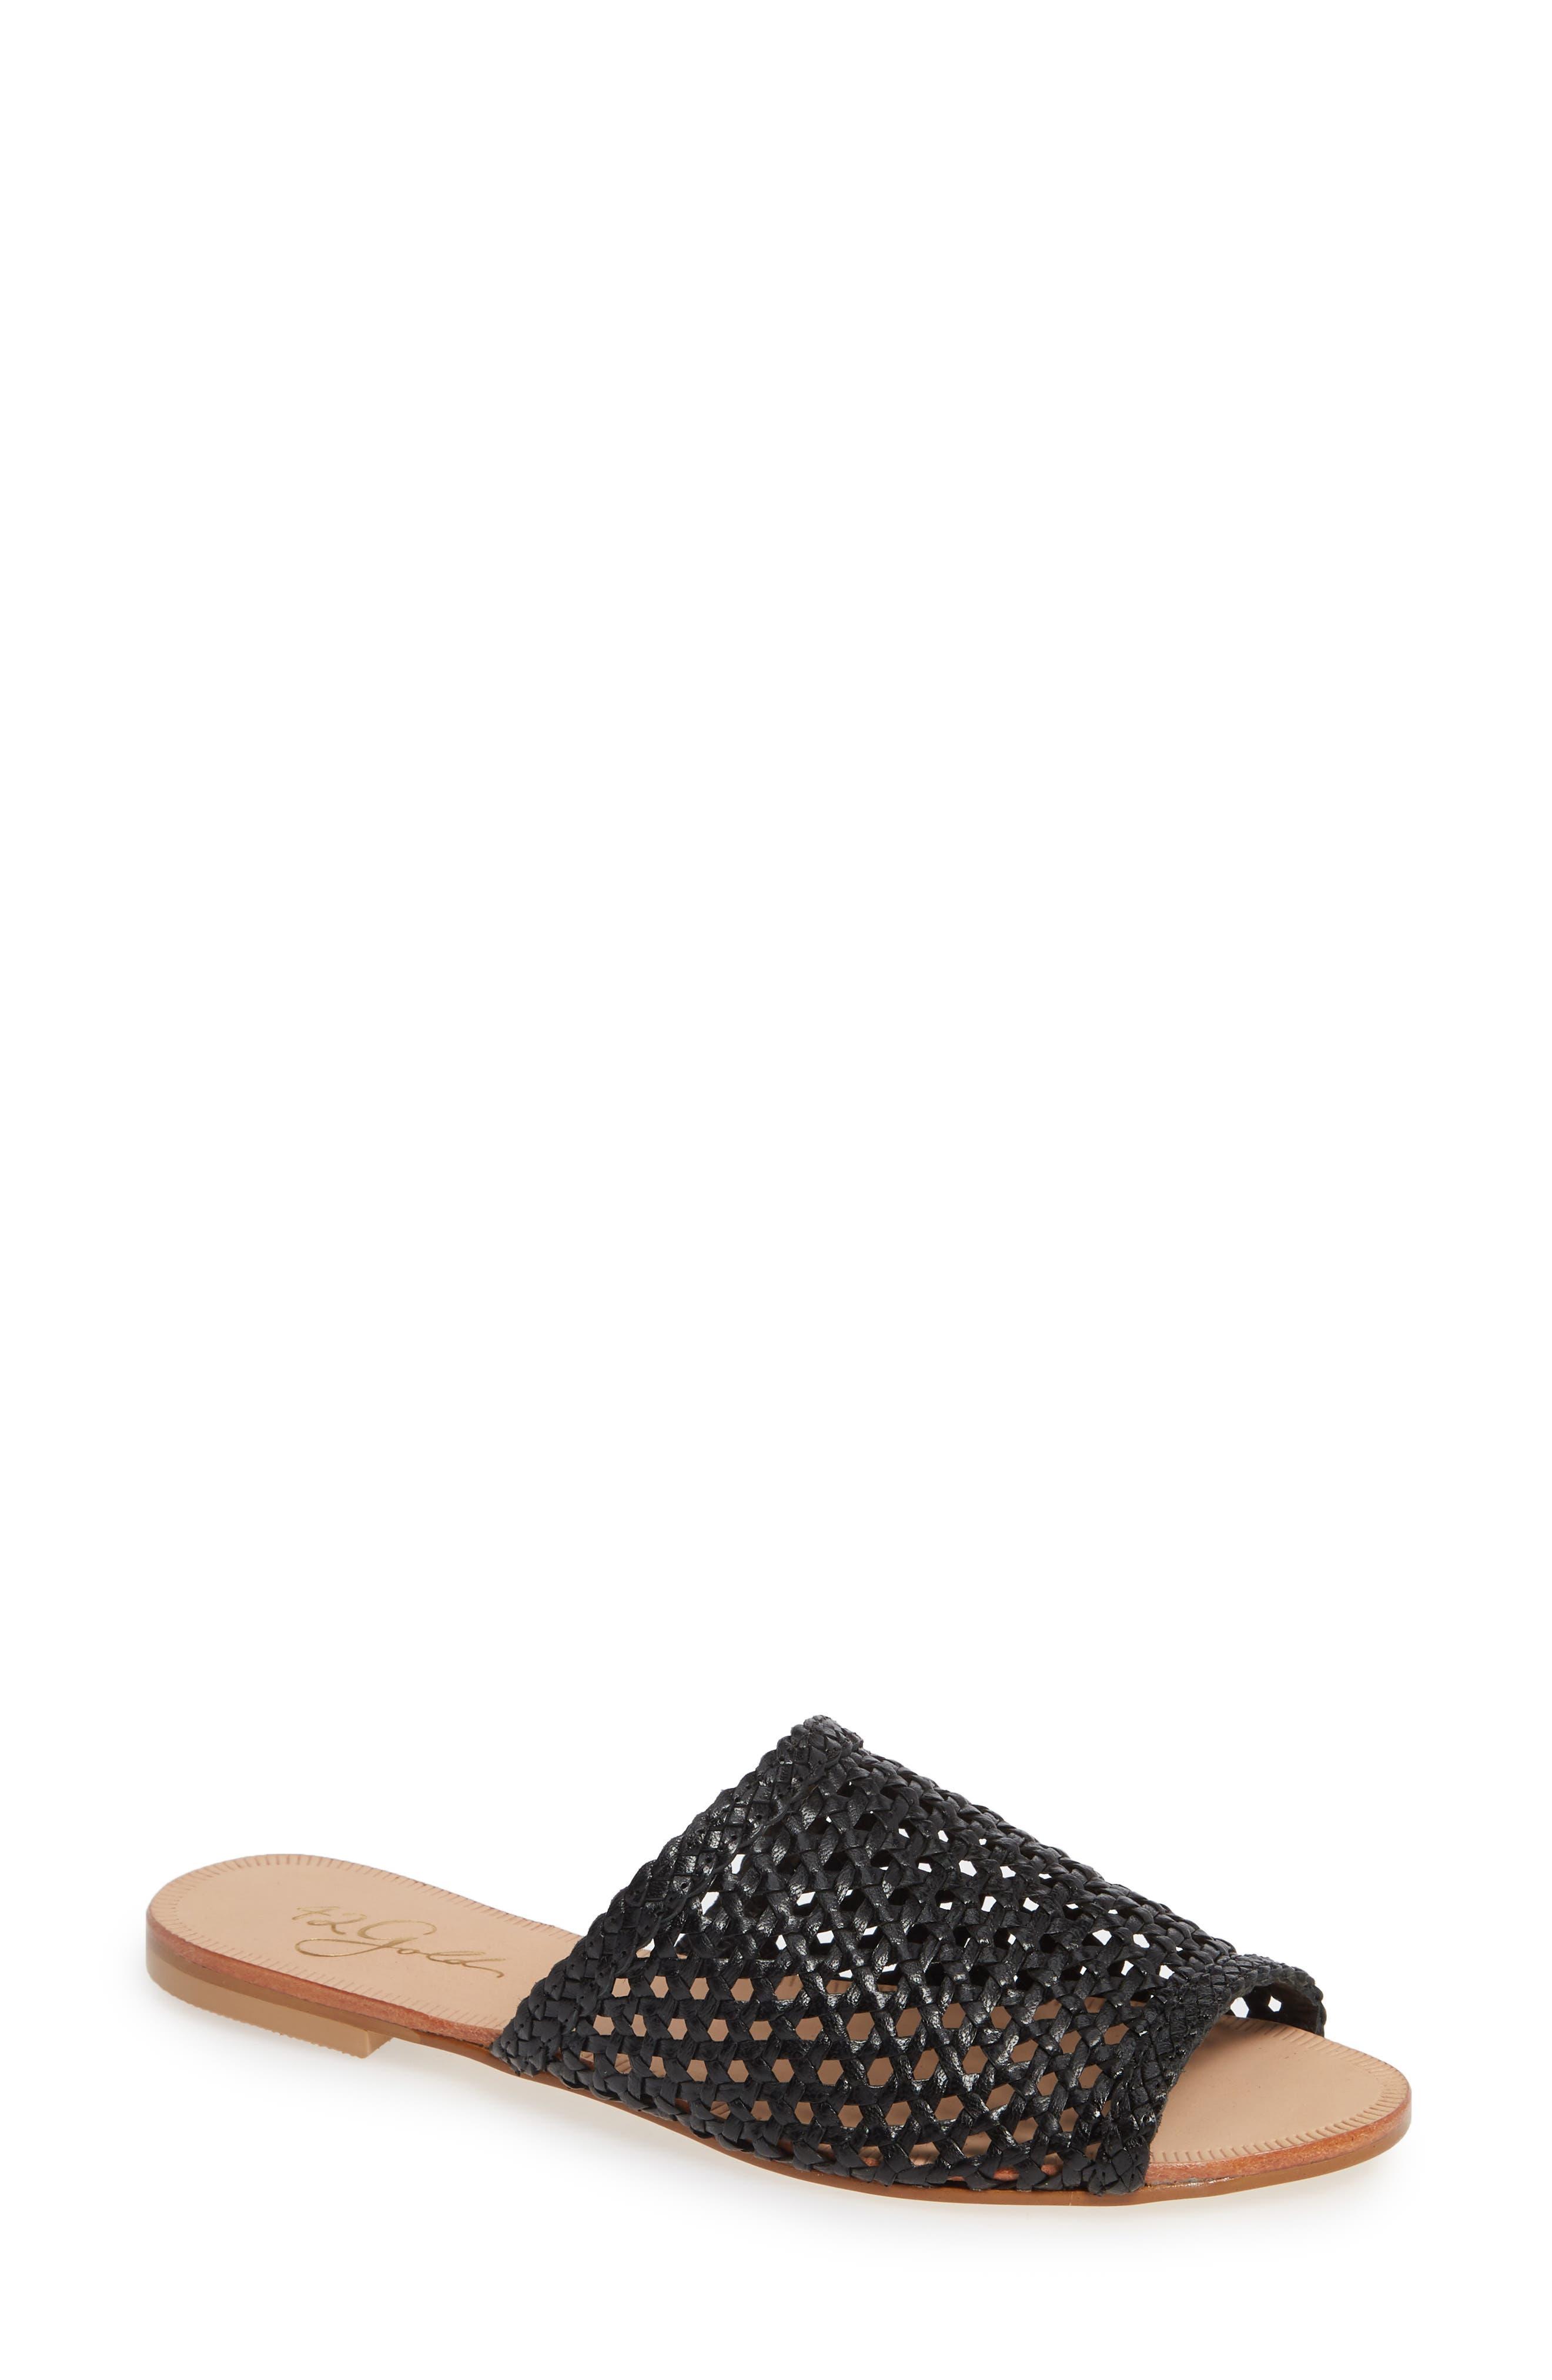 Begonia Slide Sandal (Women0, Main, color, BLACK LEATHER